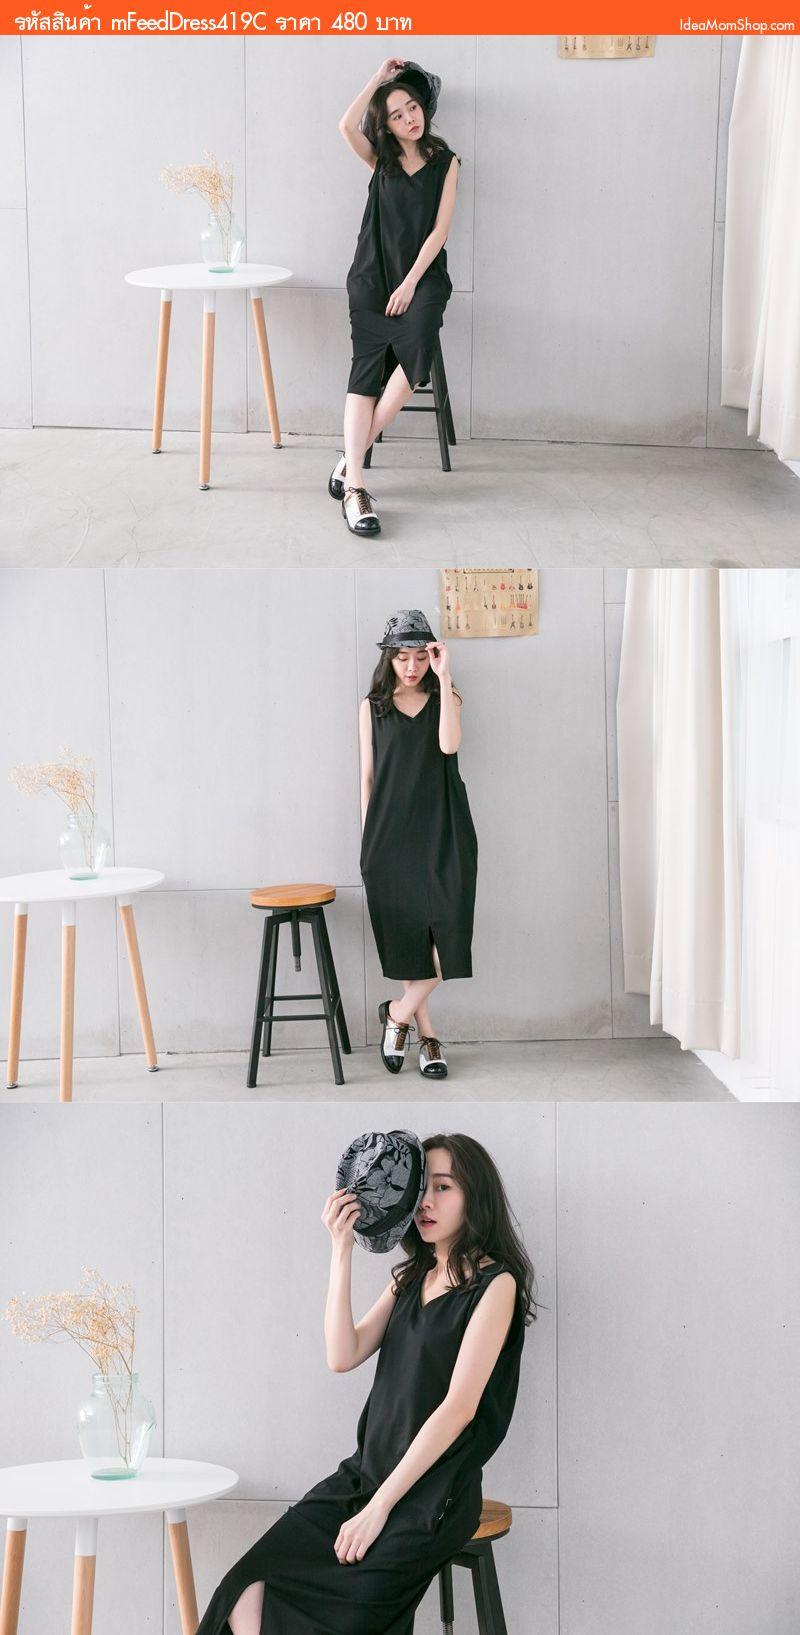 ชุดเดรสให้นม คลุมท้อง รุ่น V Neck Dress สีดำ